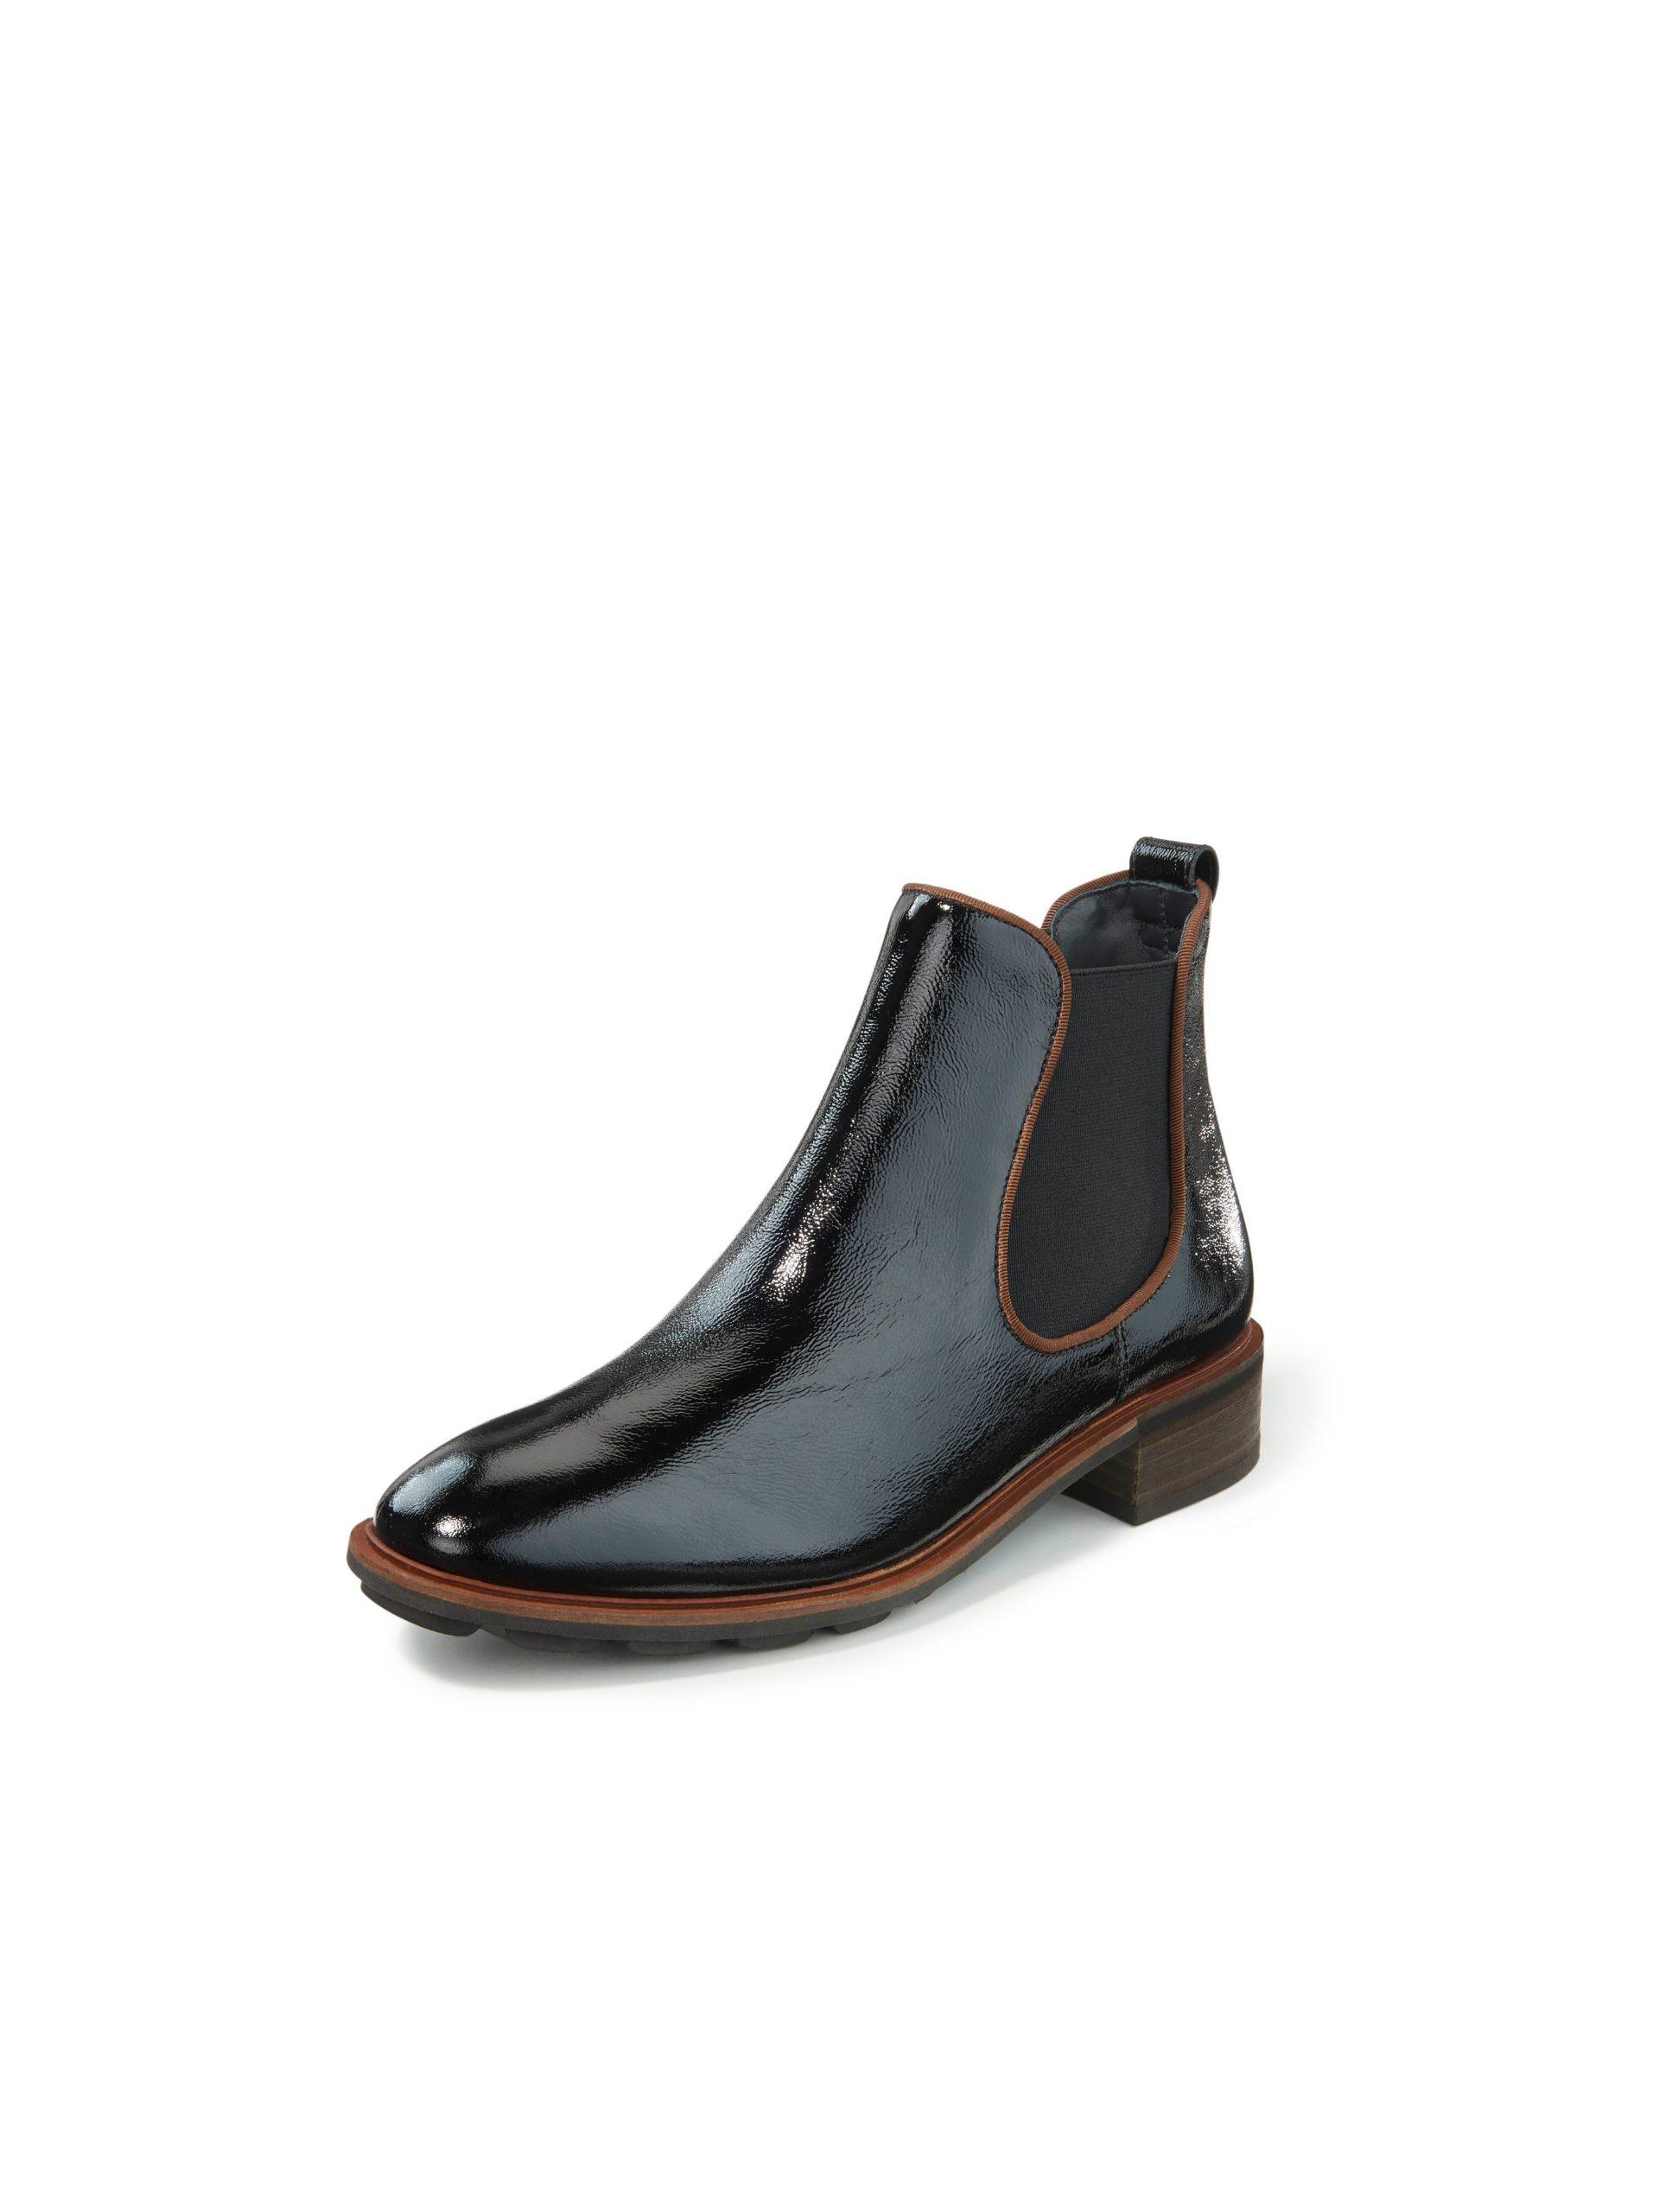 Chelsea-boots van gekreukt kalfslakleer Van Paul Green zwart Kopen